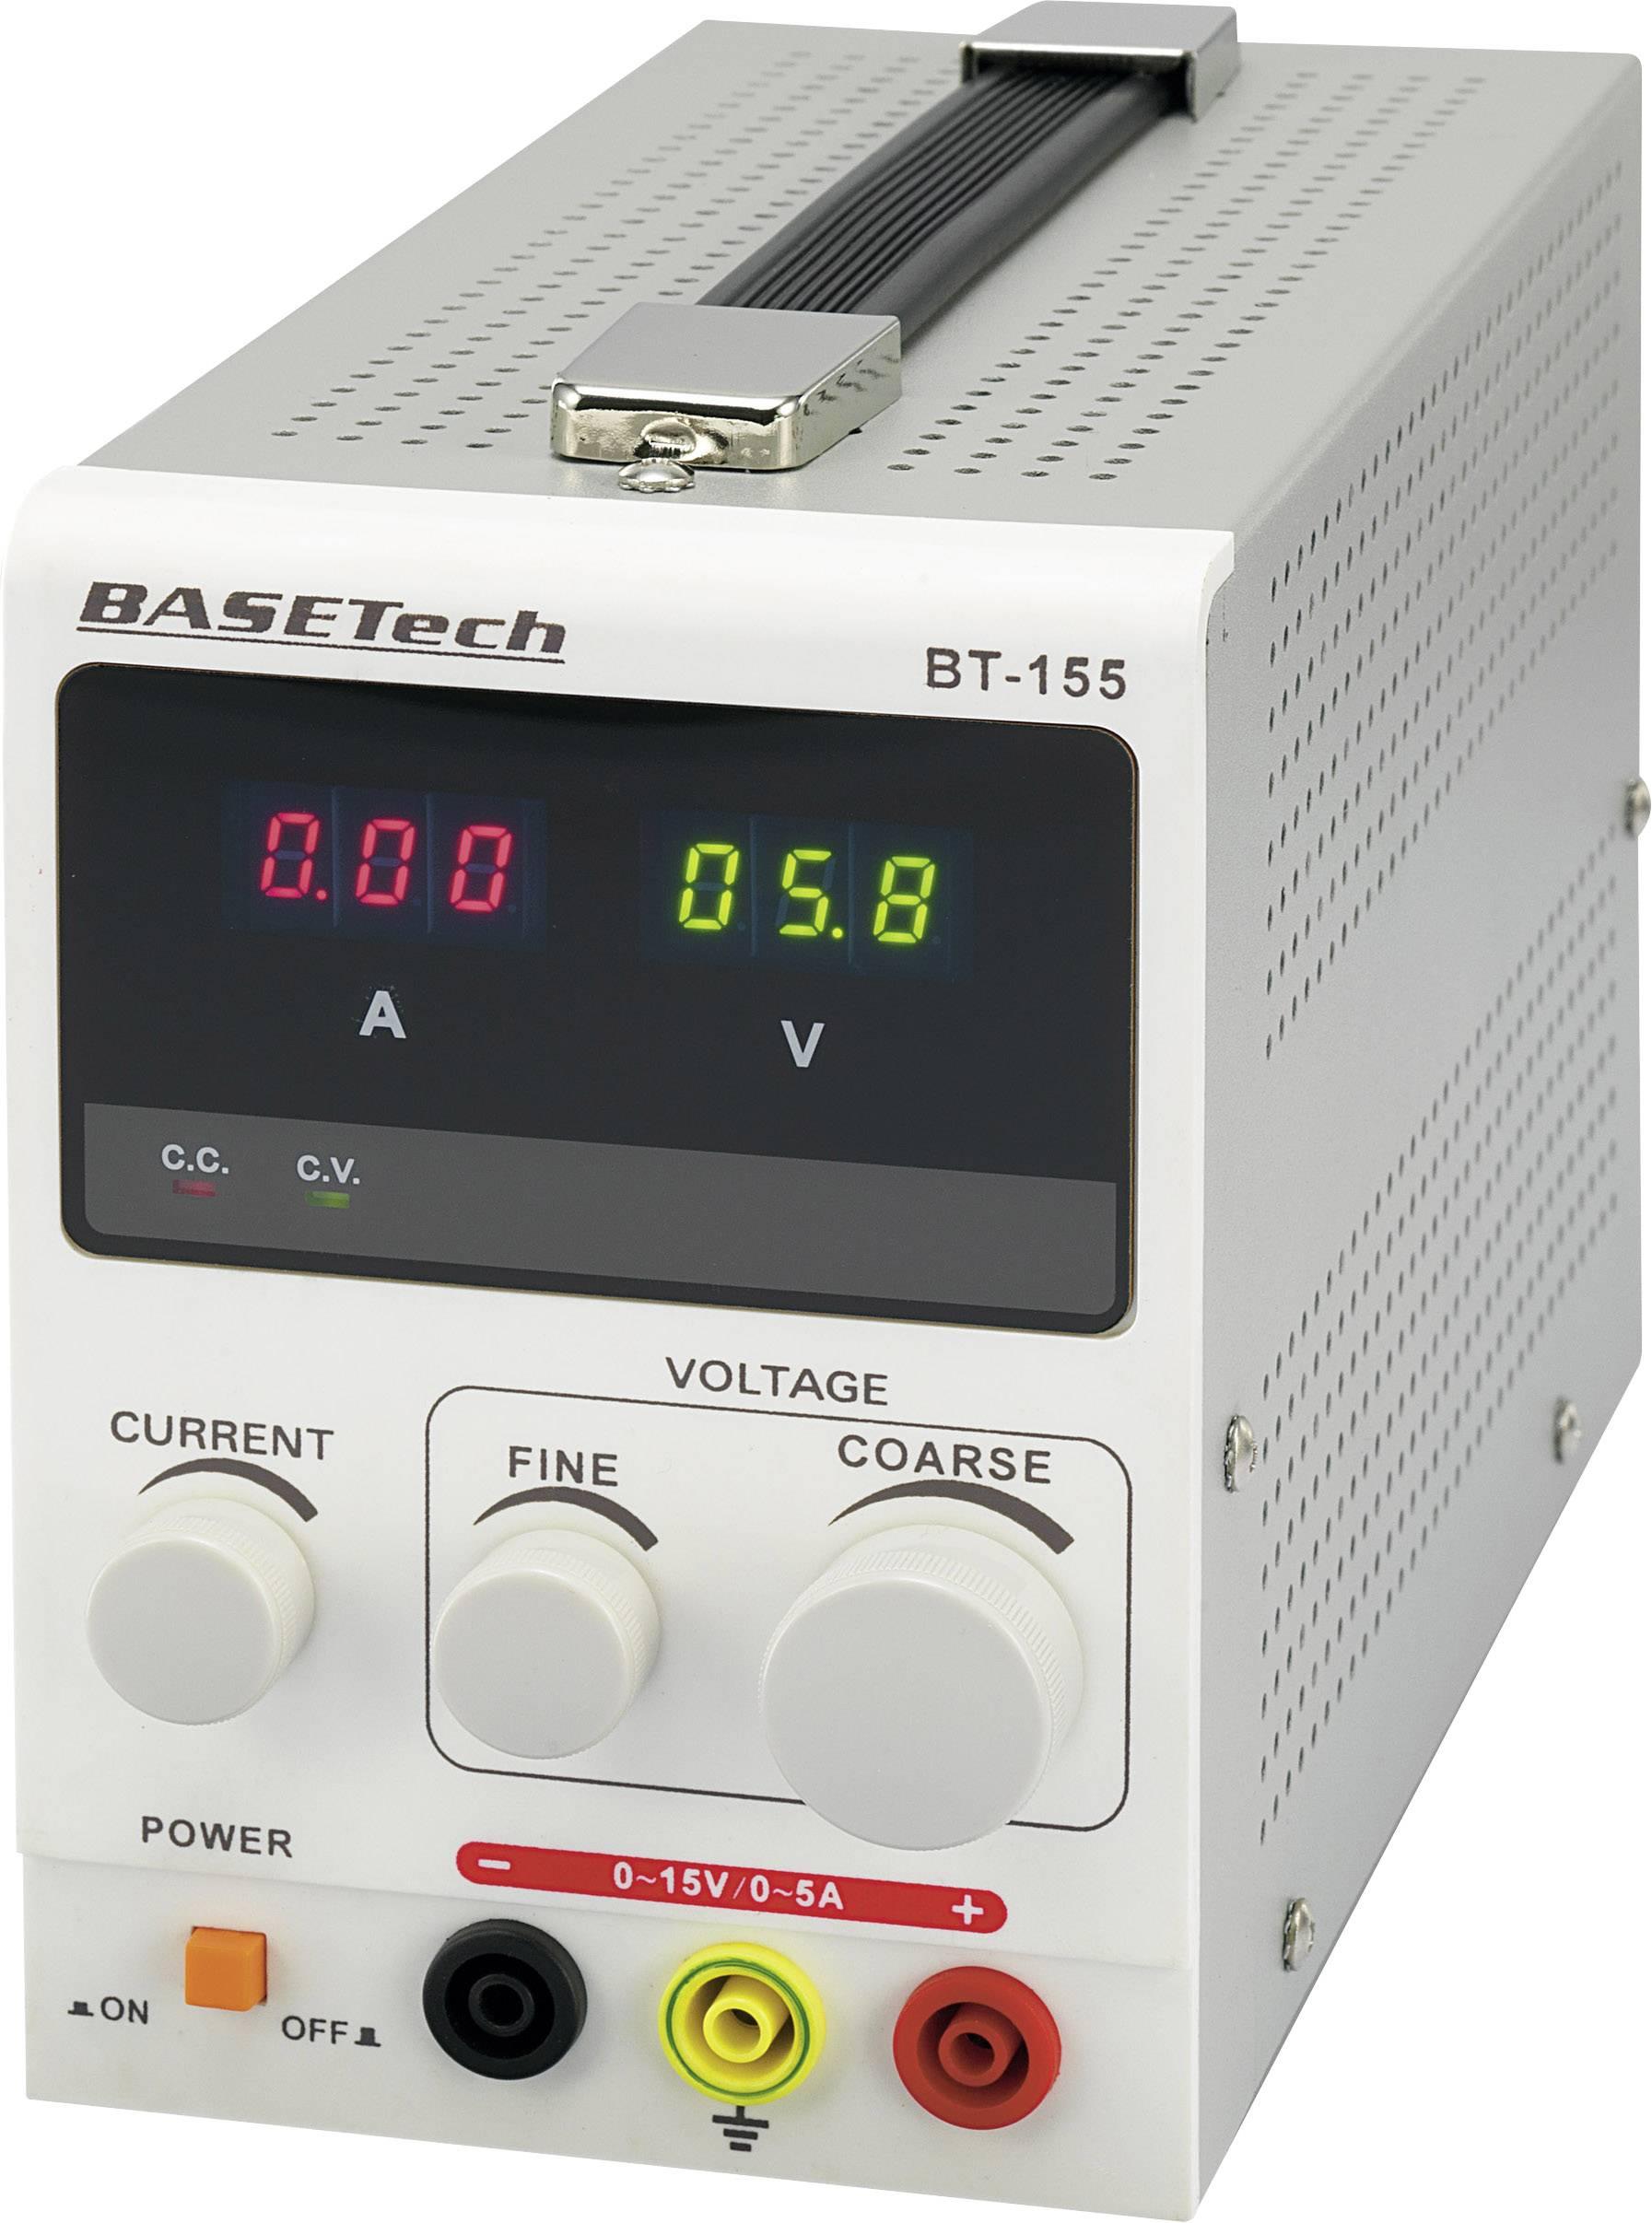 Laboratórny zdroj s nastaviteľným napätím Basetech BT-155, 0 - 15 V/DC, 0 - 5 A, 75 W